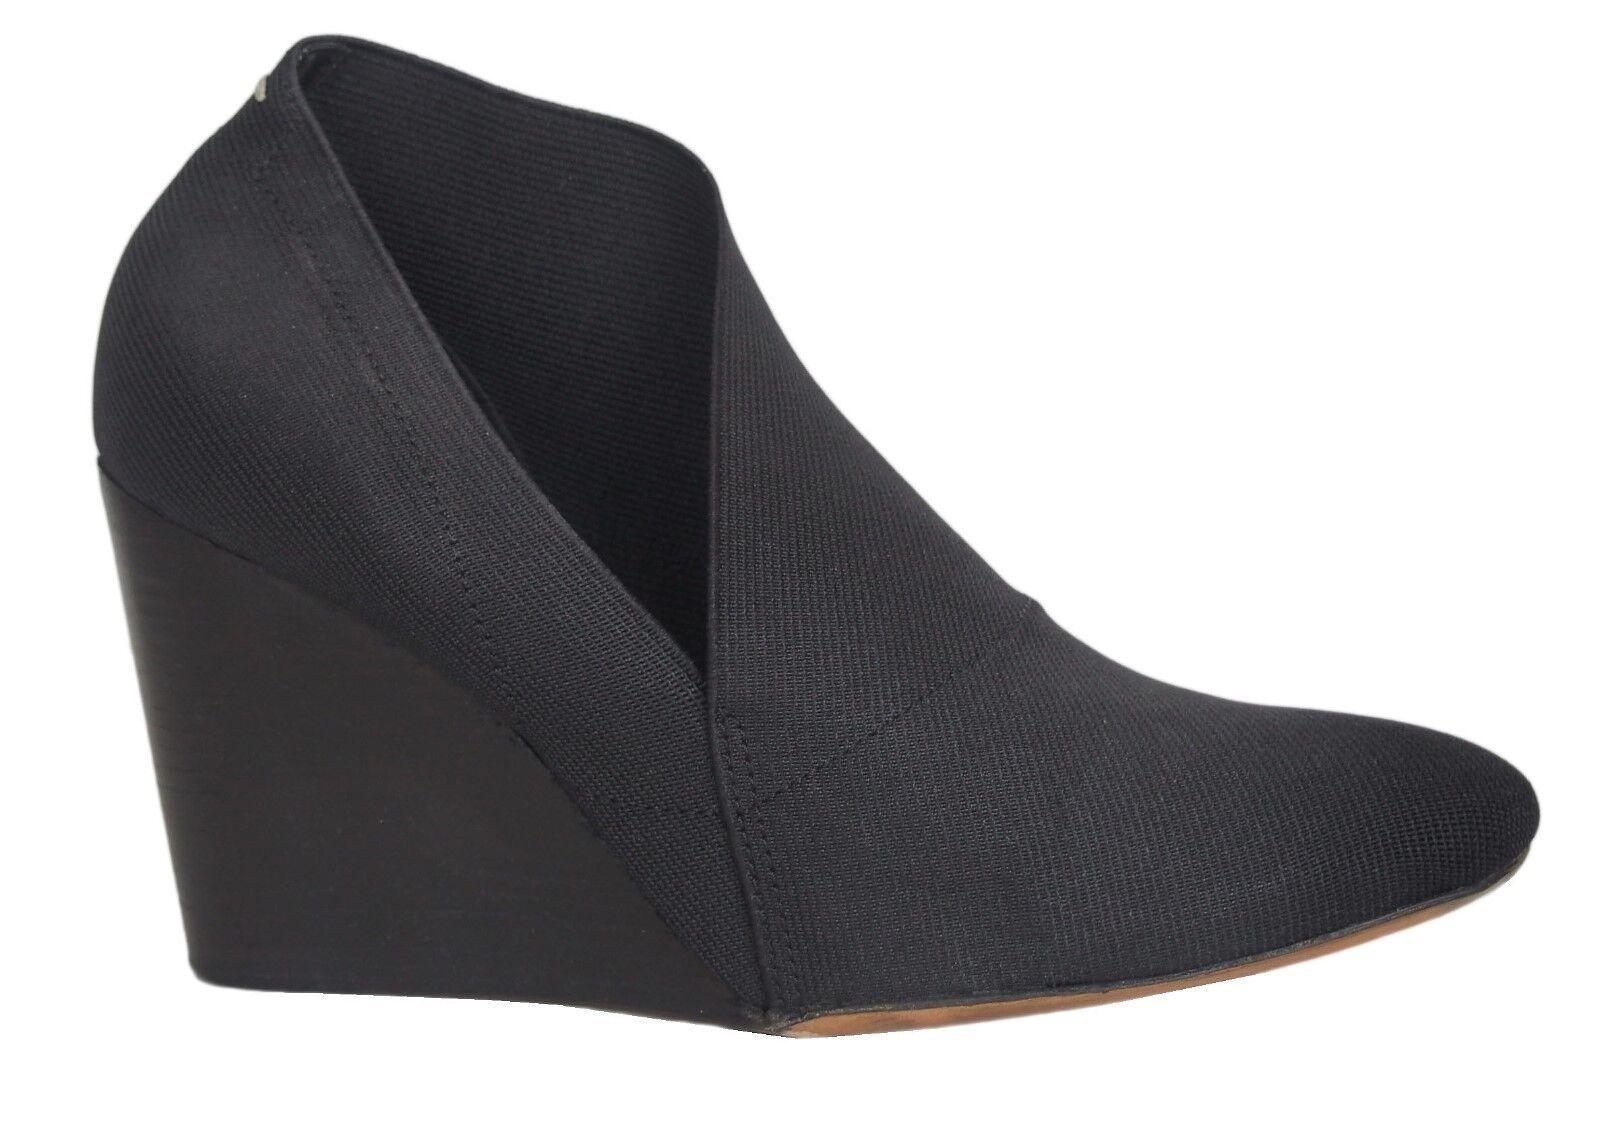 Maison Martin Margiela Women's Wedge Shoes Black … - image 2